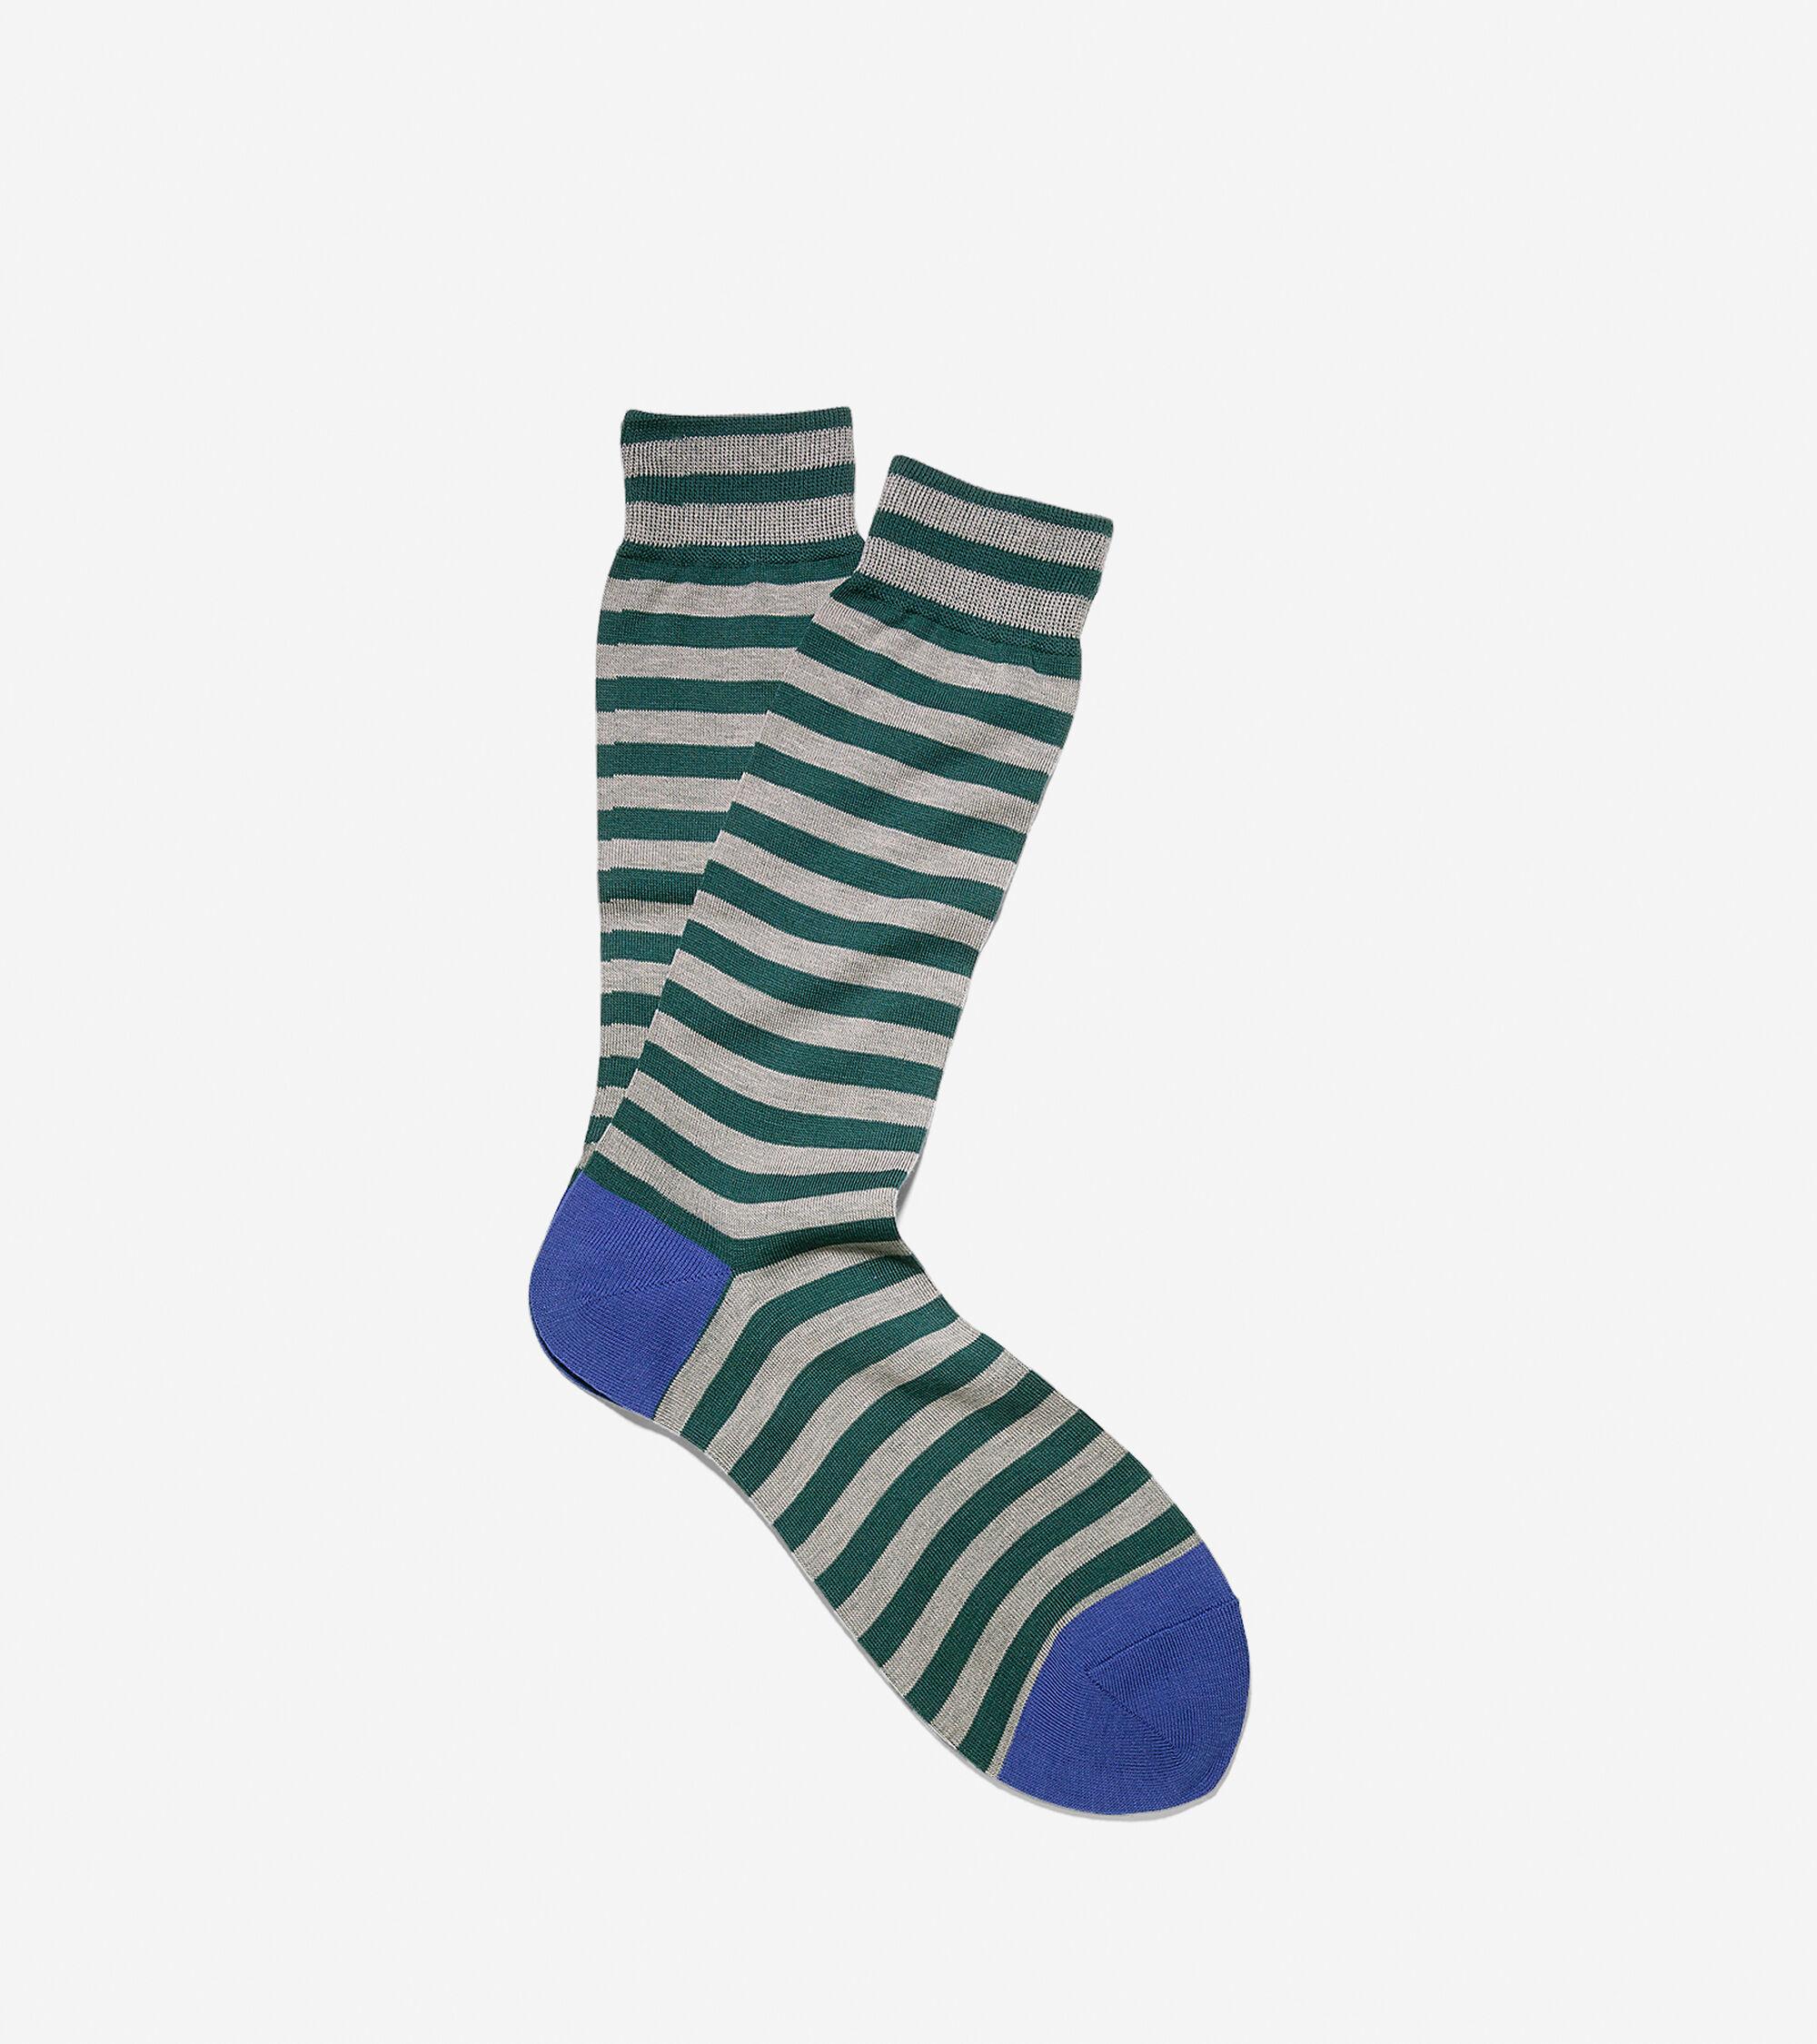 Socks > Sailor Stripe Crew Socks